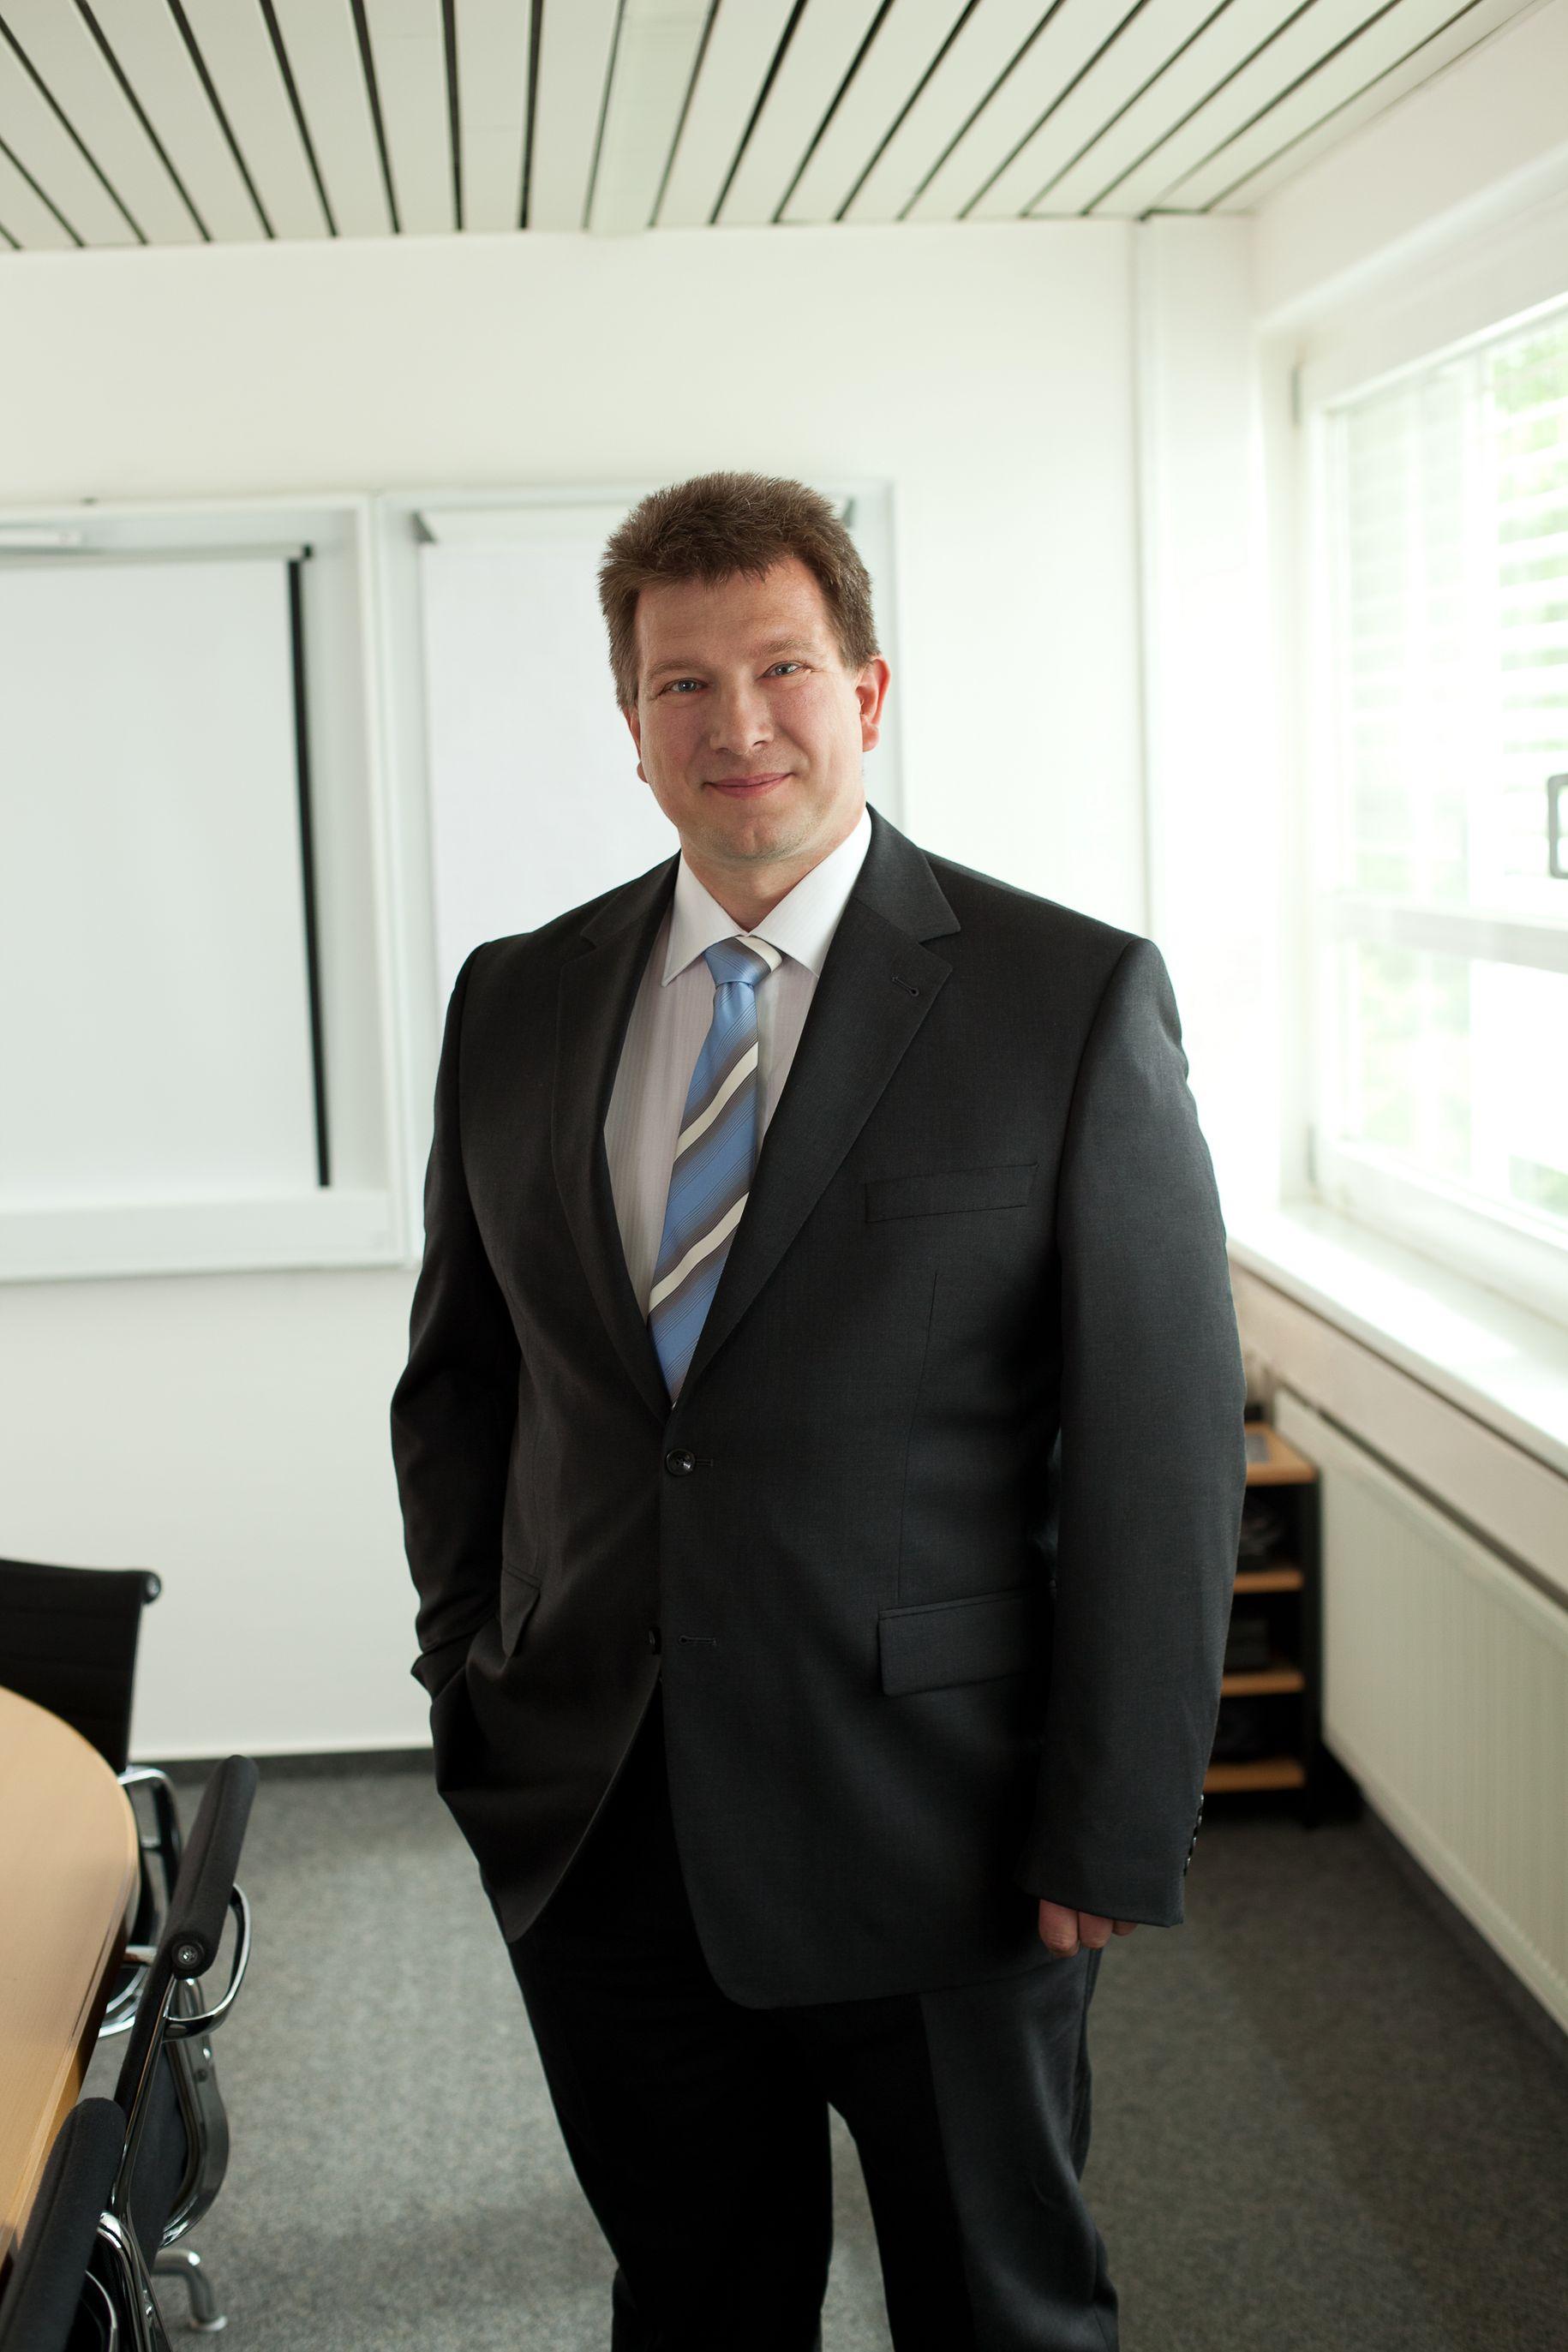 Christian Dietl, Geschäftsführer, Abel GmbH & Co. KG, Büchen